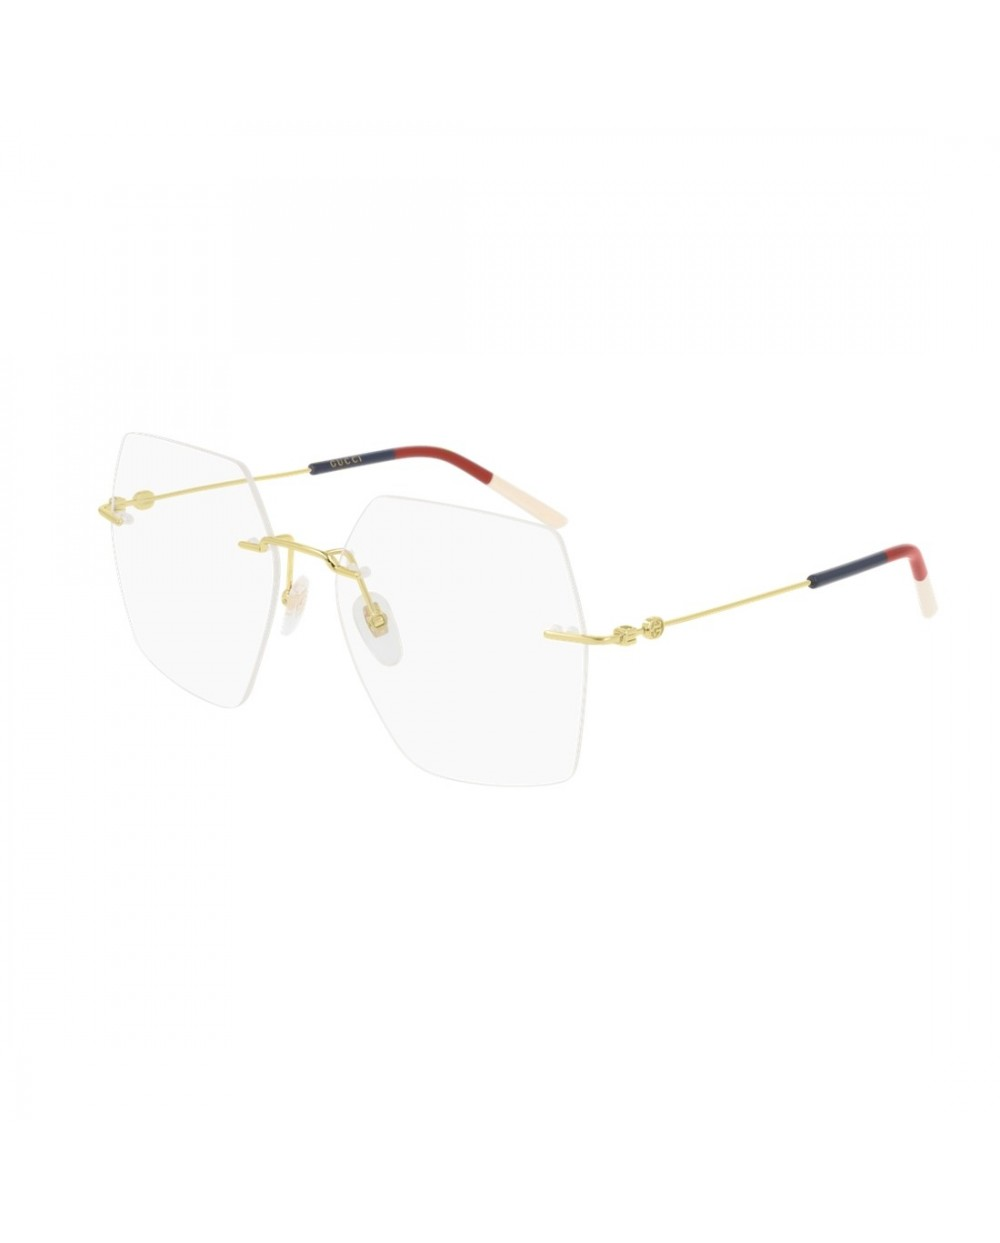 Occhiale da vista Gucci confezione originale garanzia italia